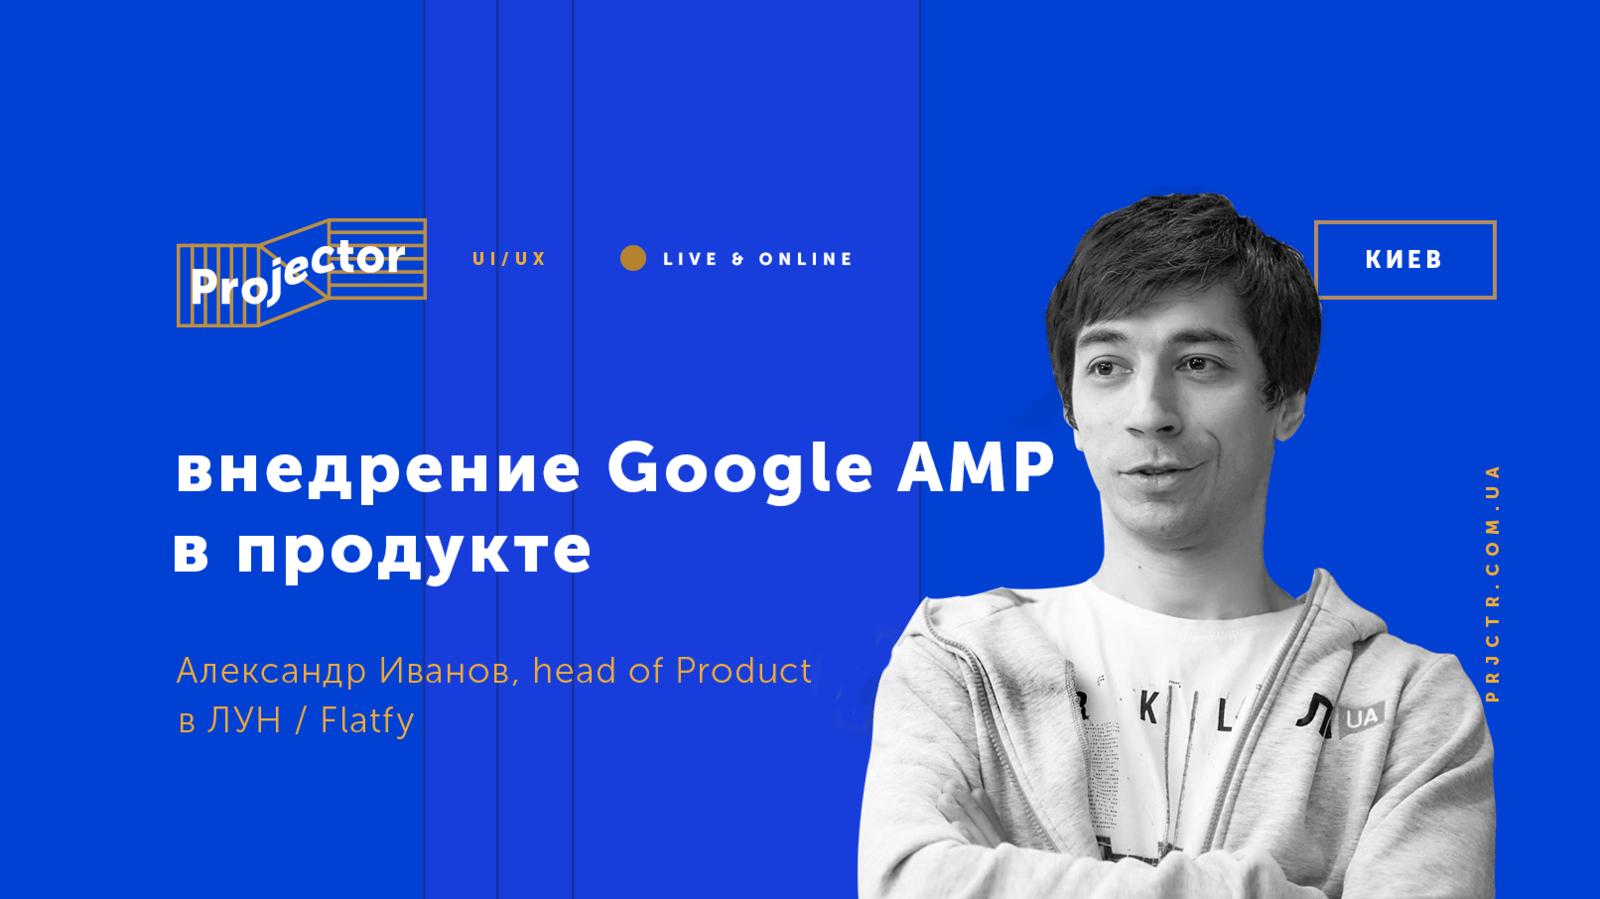 Внедрение Google AMP в продукте